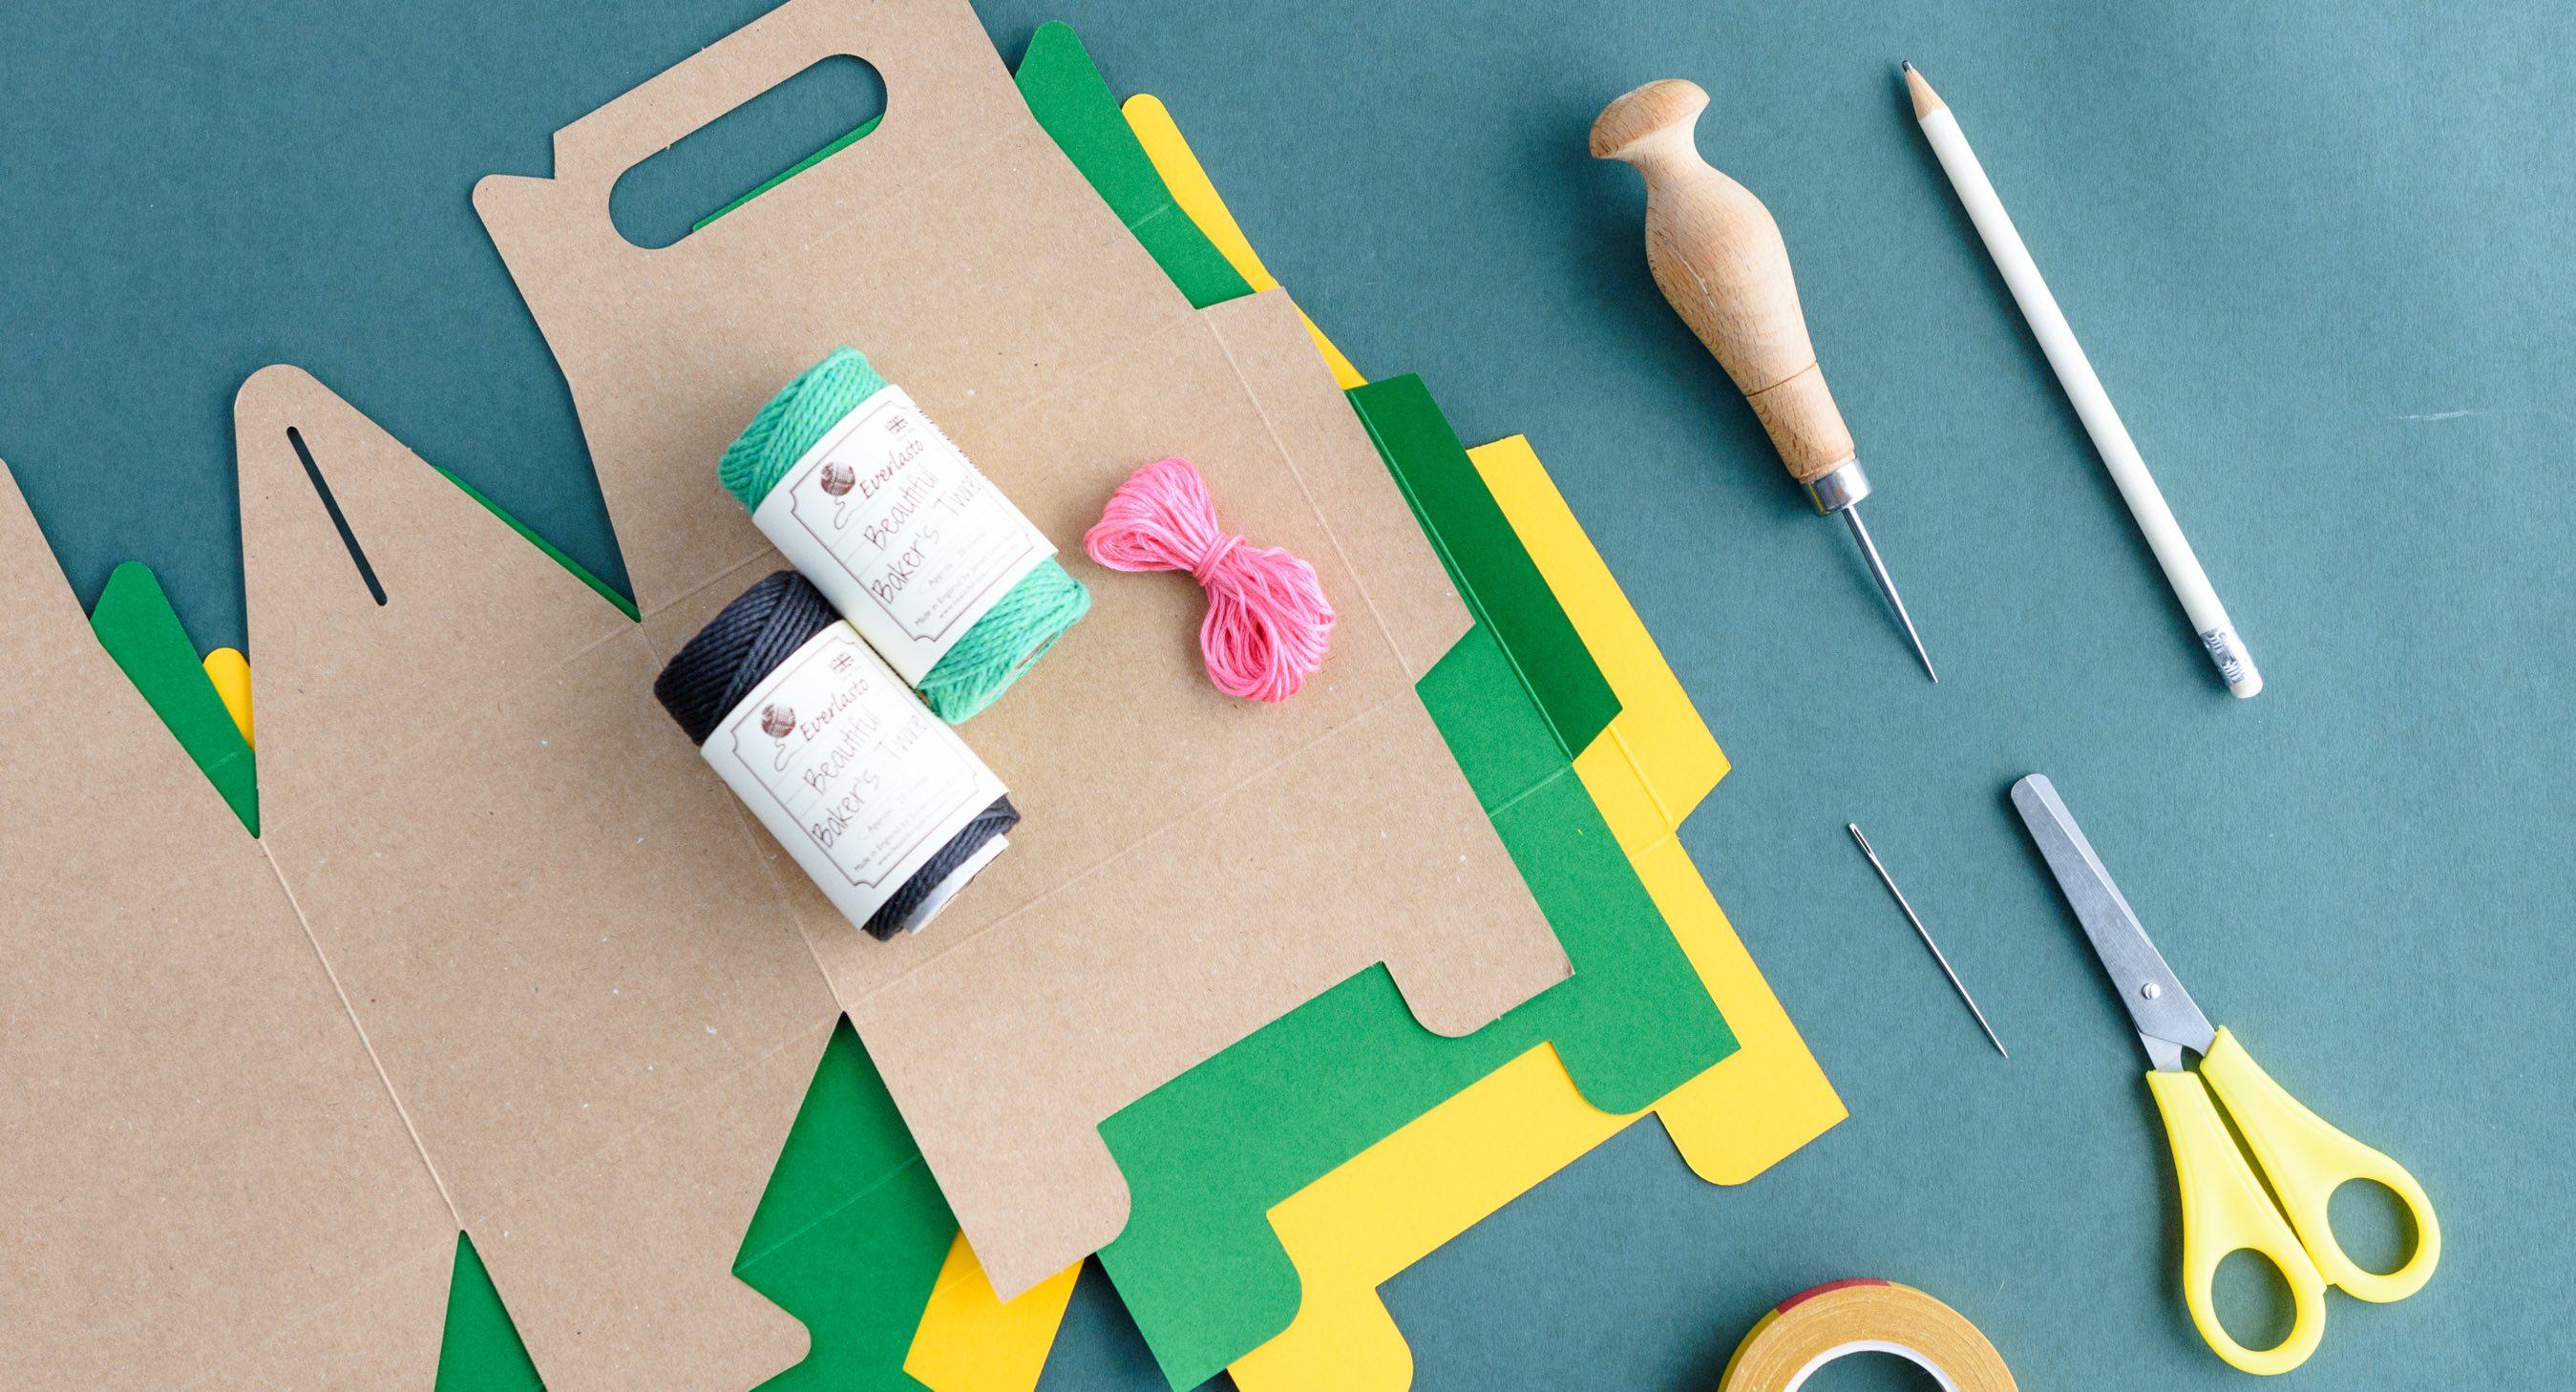 Sewing Box materials